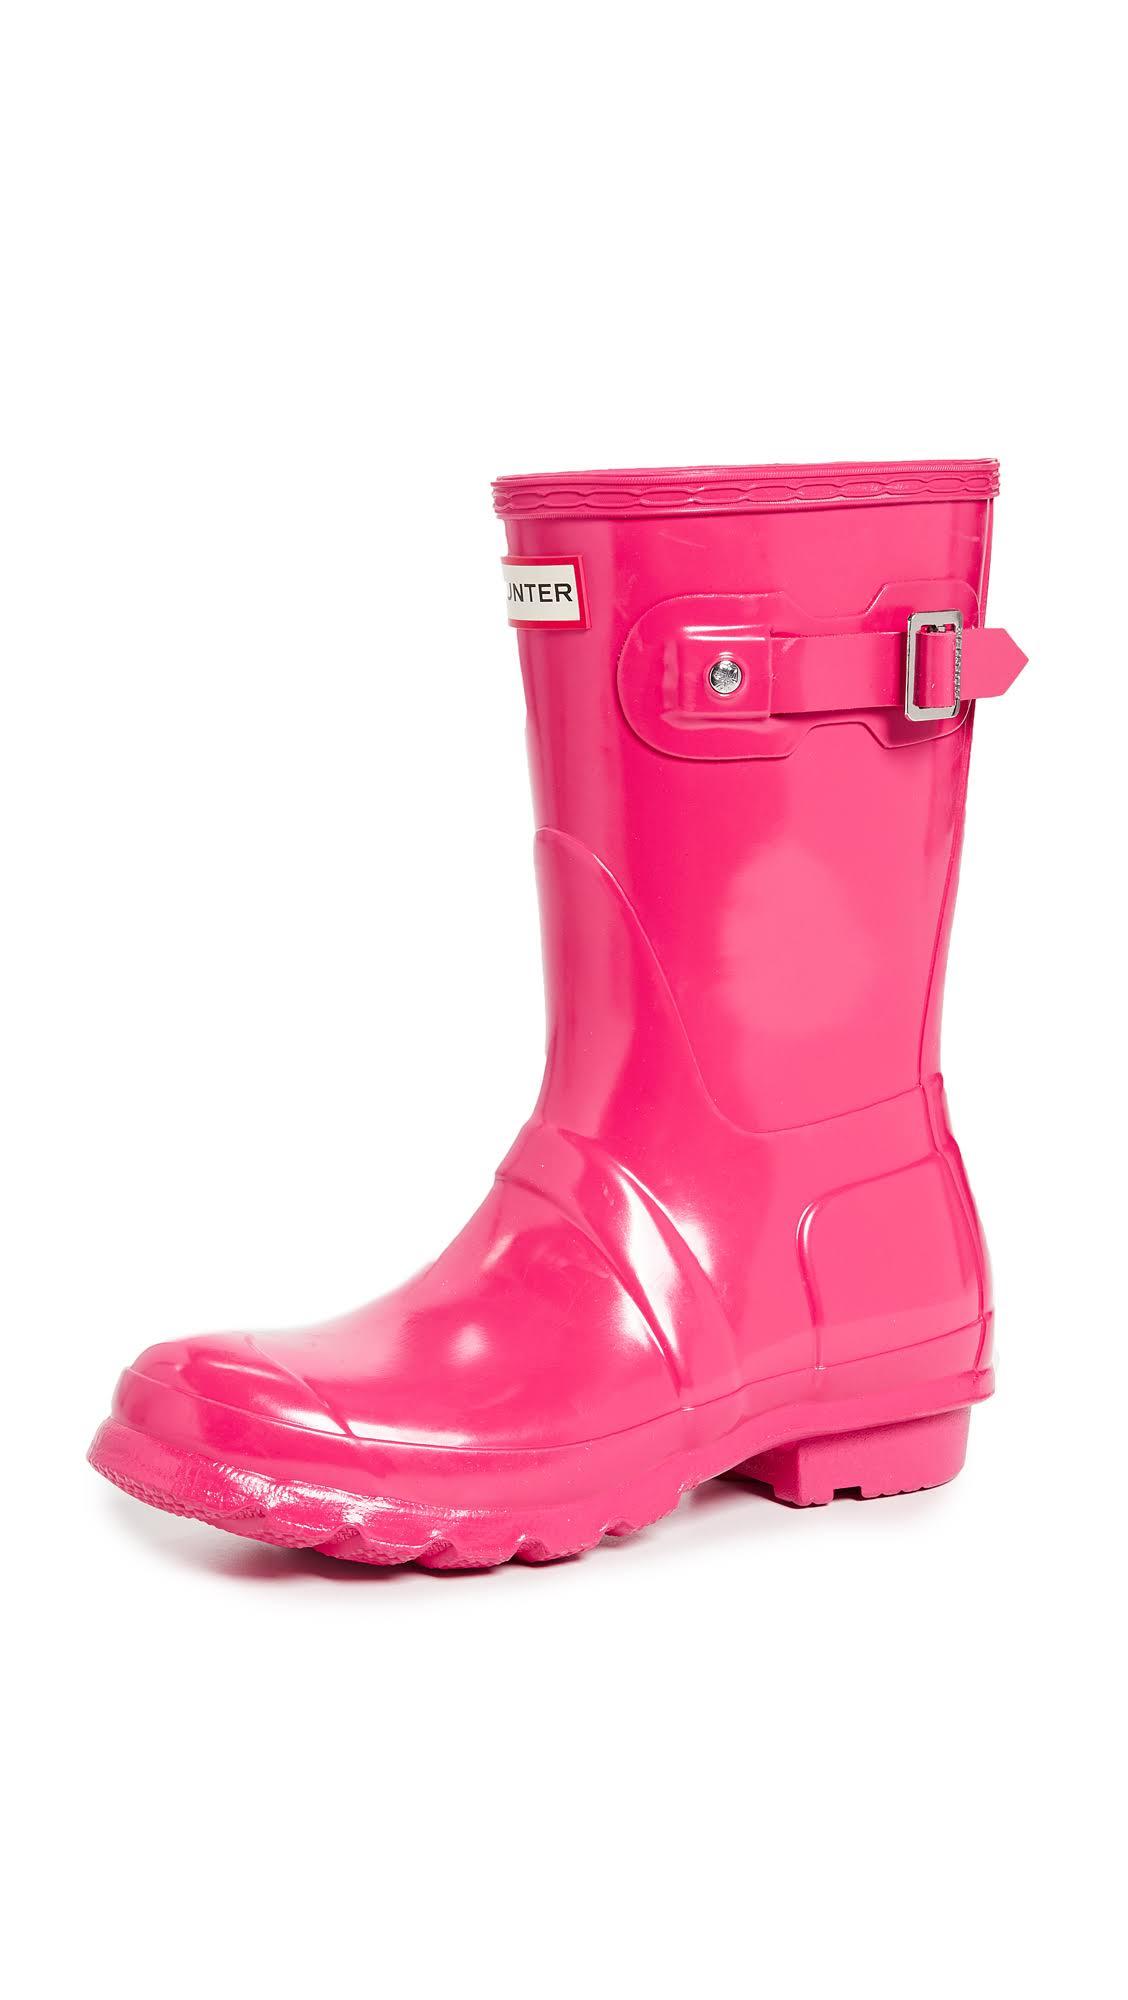 korte glansfel originele Hunter regen roze laarzen met dames thdQrs